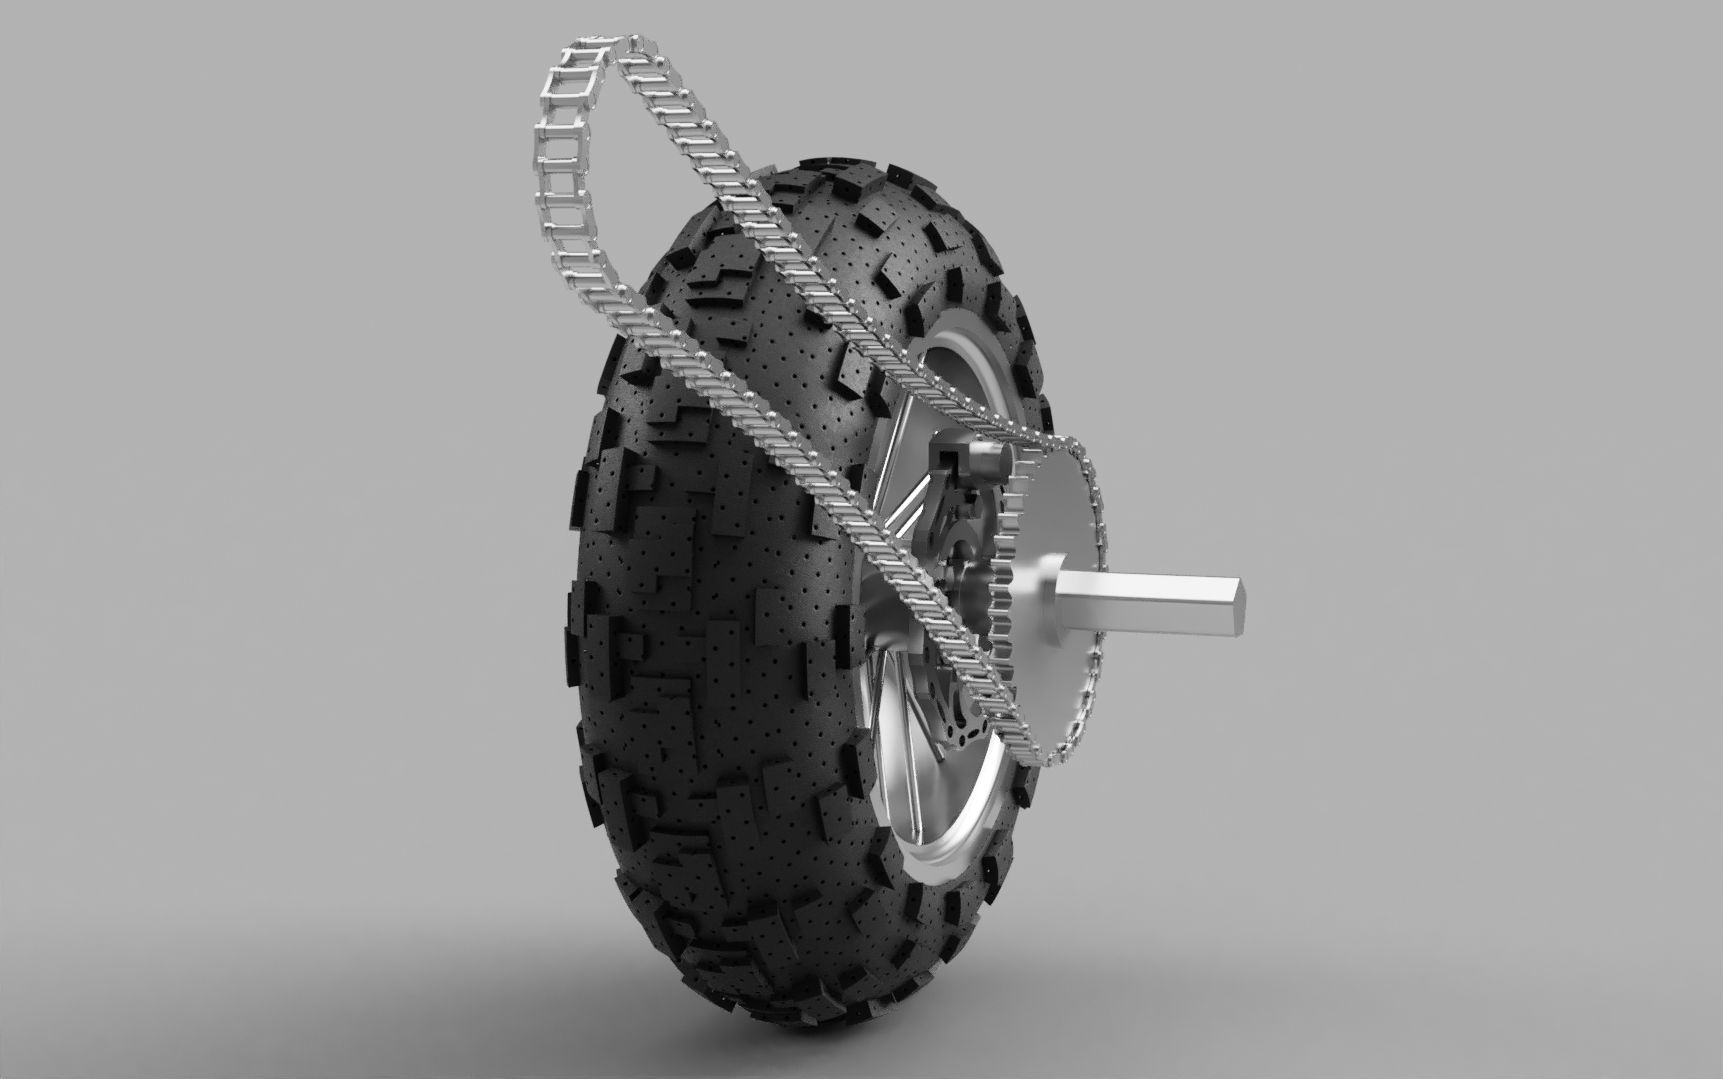 Dirtbike-2-2016-sep-23-08-45-13pm-000-customizedview21349164416-3500-3500